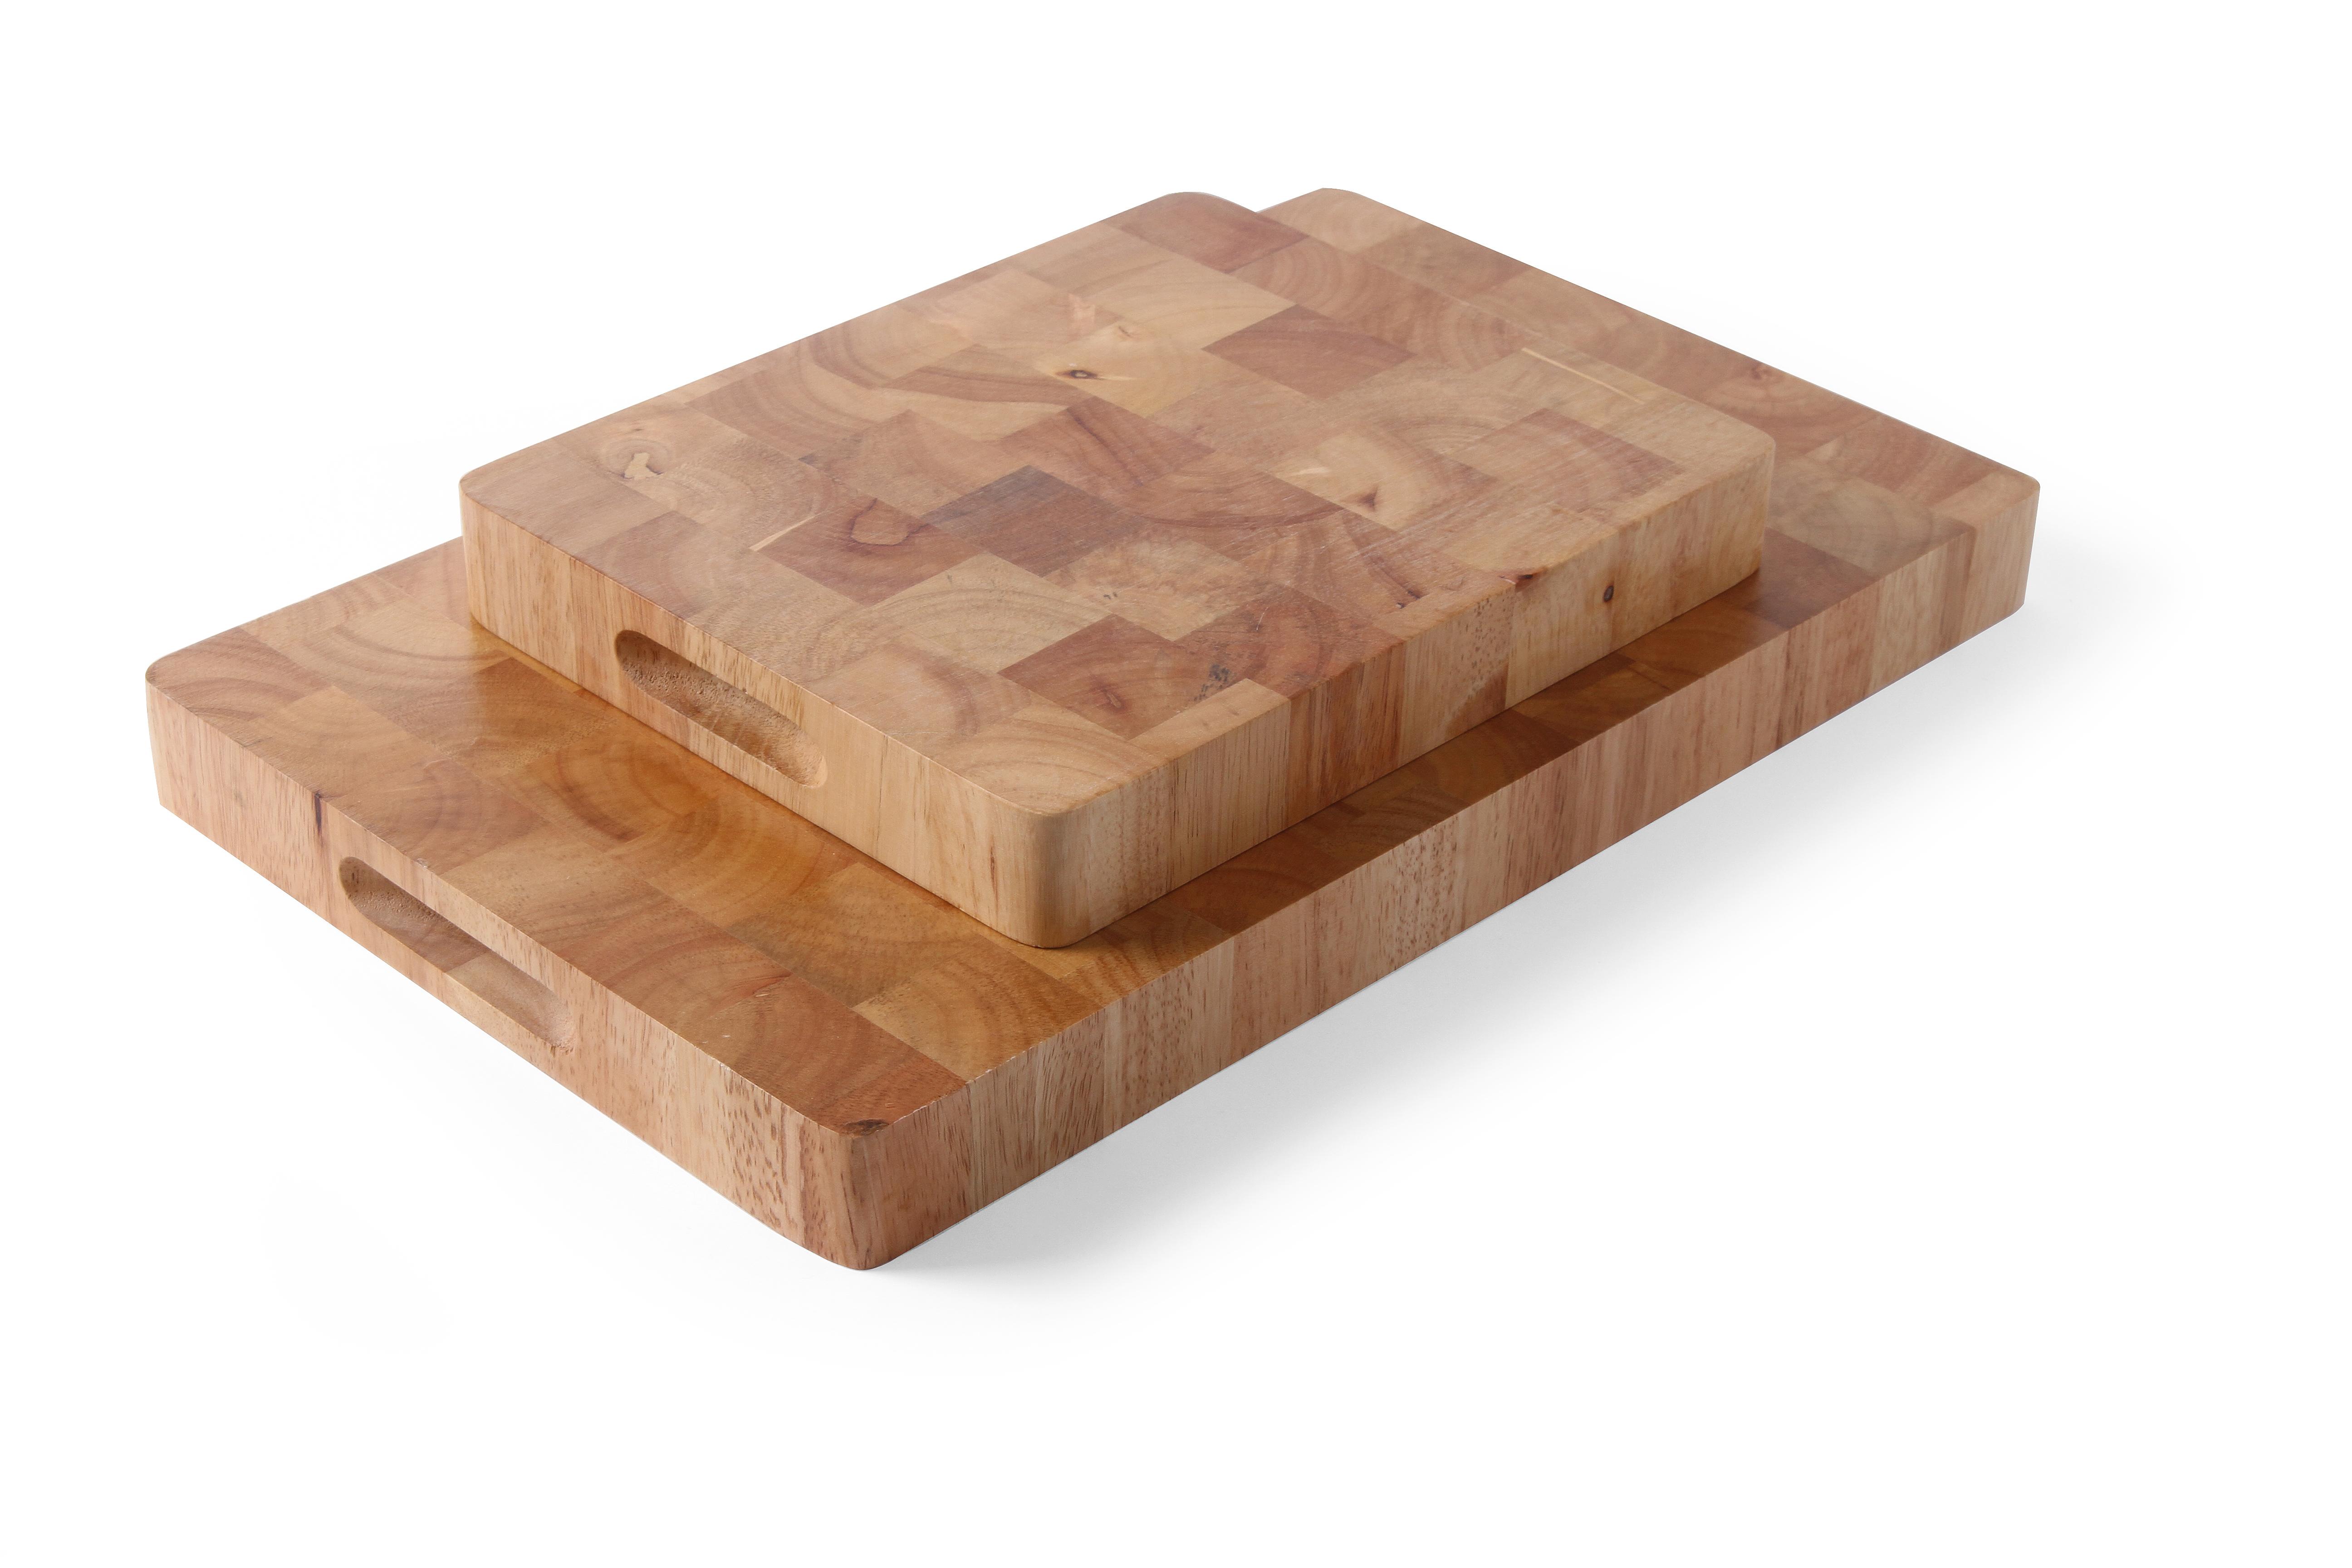 Hendi, Kuchyňská krájecí deska s úchyty 530x325x45mm kaučukovník